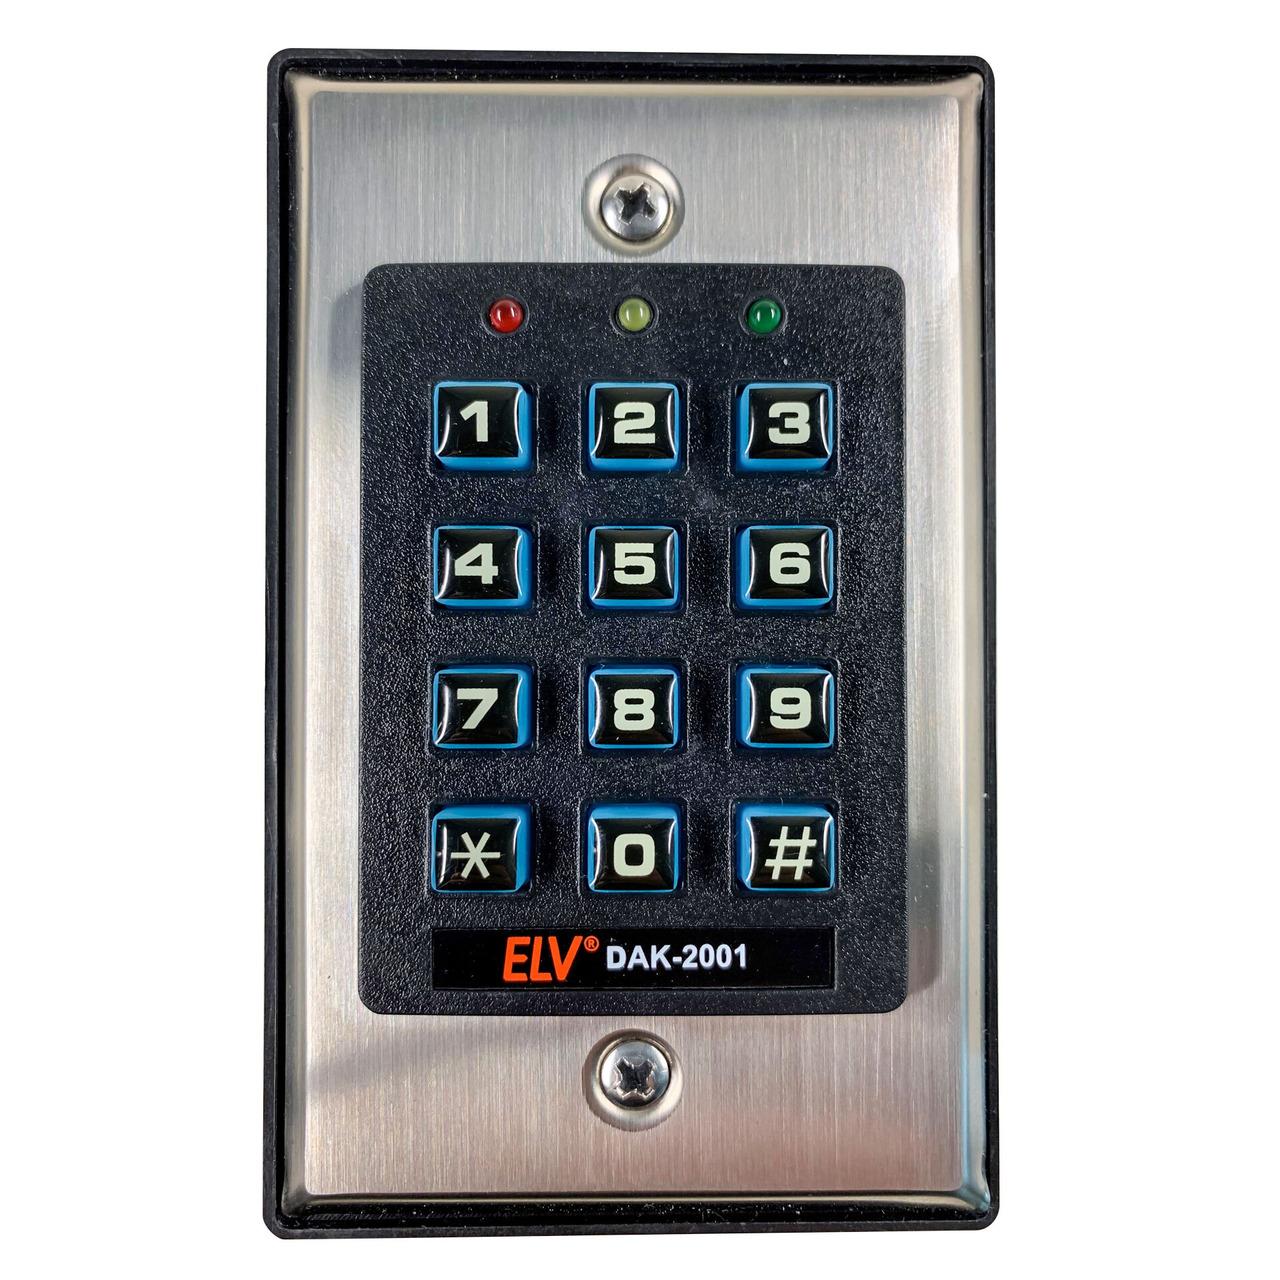 ELV Sicherheits-Digital-Codeschloss DAK 2001